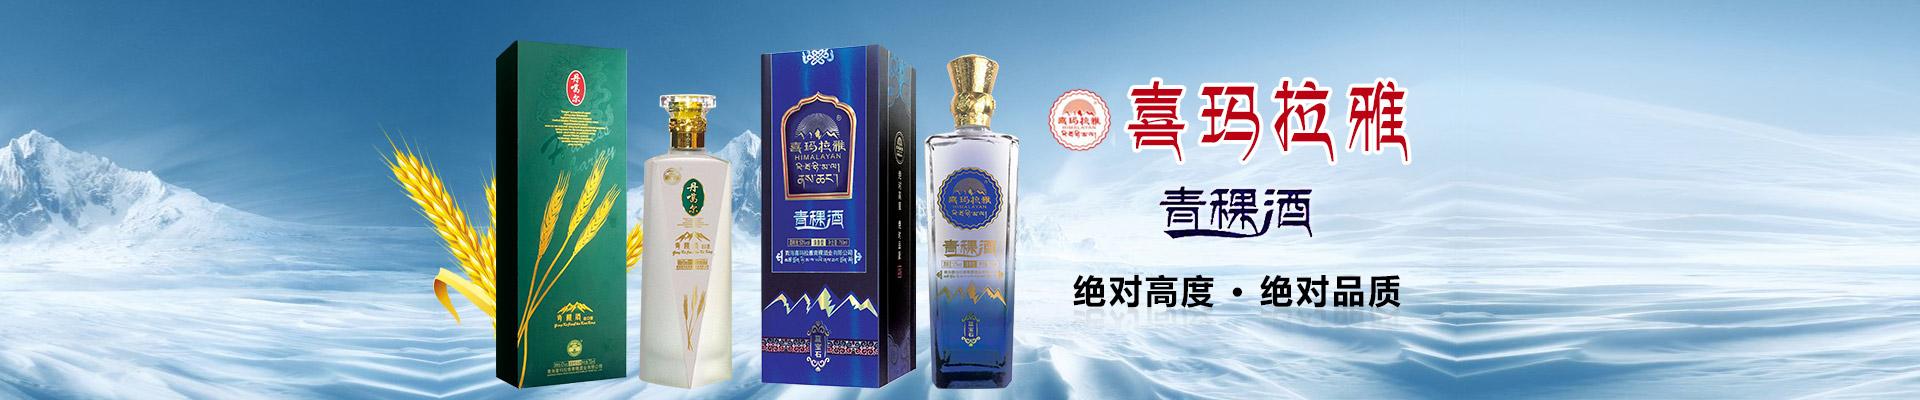 青海省喜玛拉雅青稞酒业有限公司